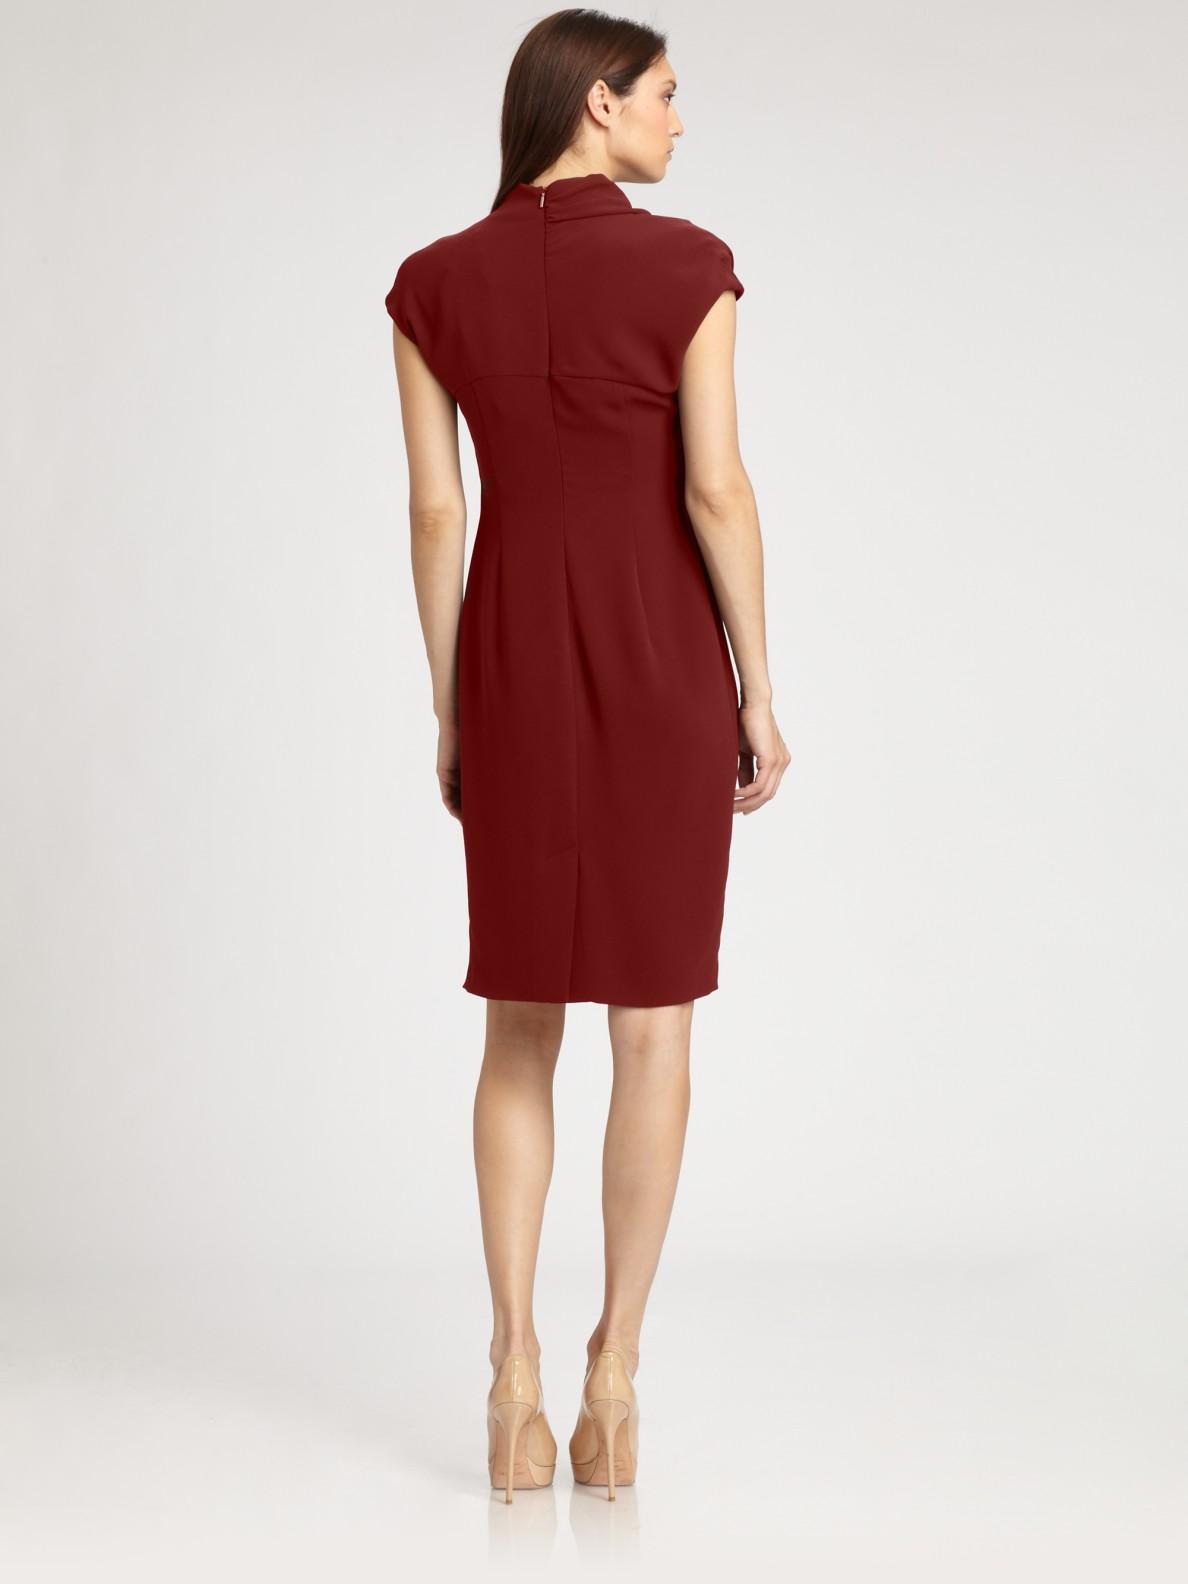 Max Mara Ravenna Dress In Red